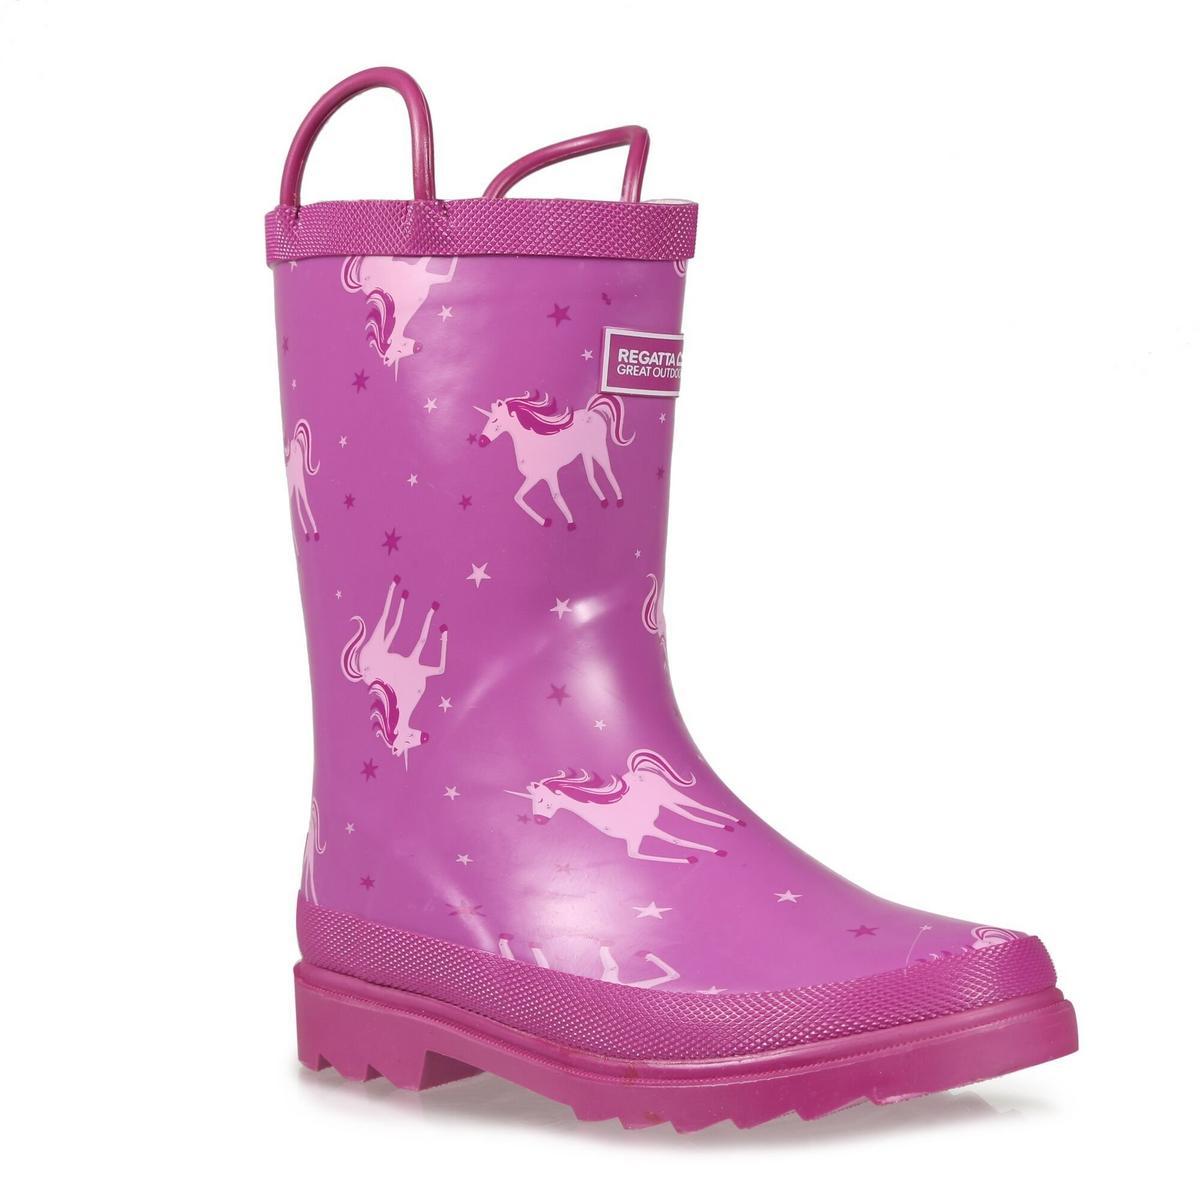 Regatta Kids Minnow Junior Welly Boot - Unicorn